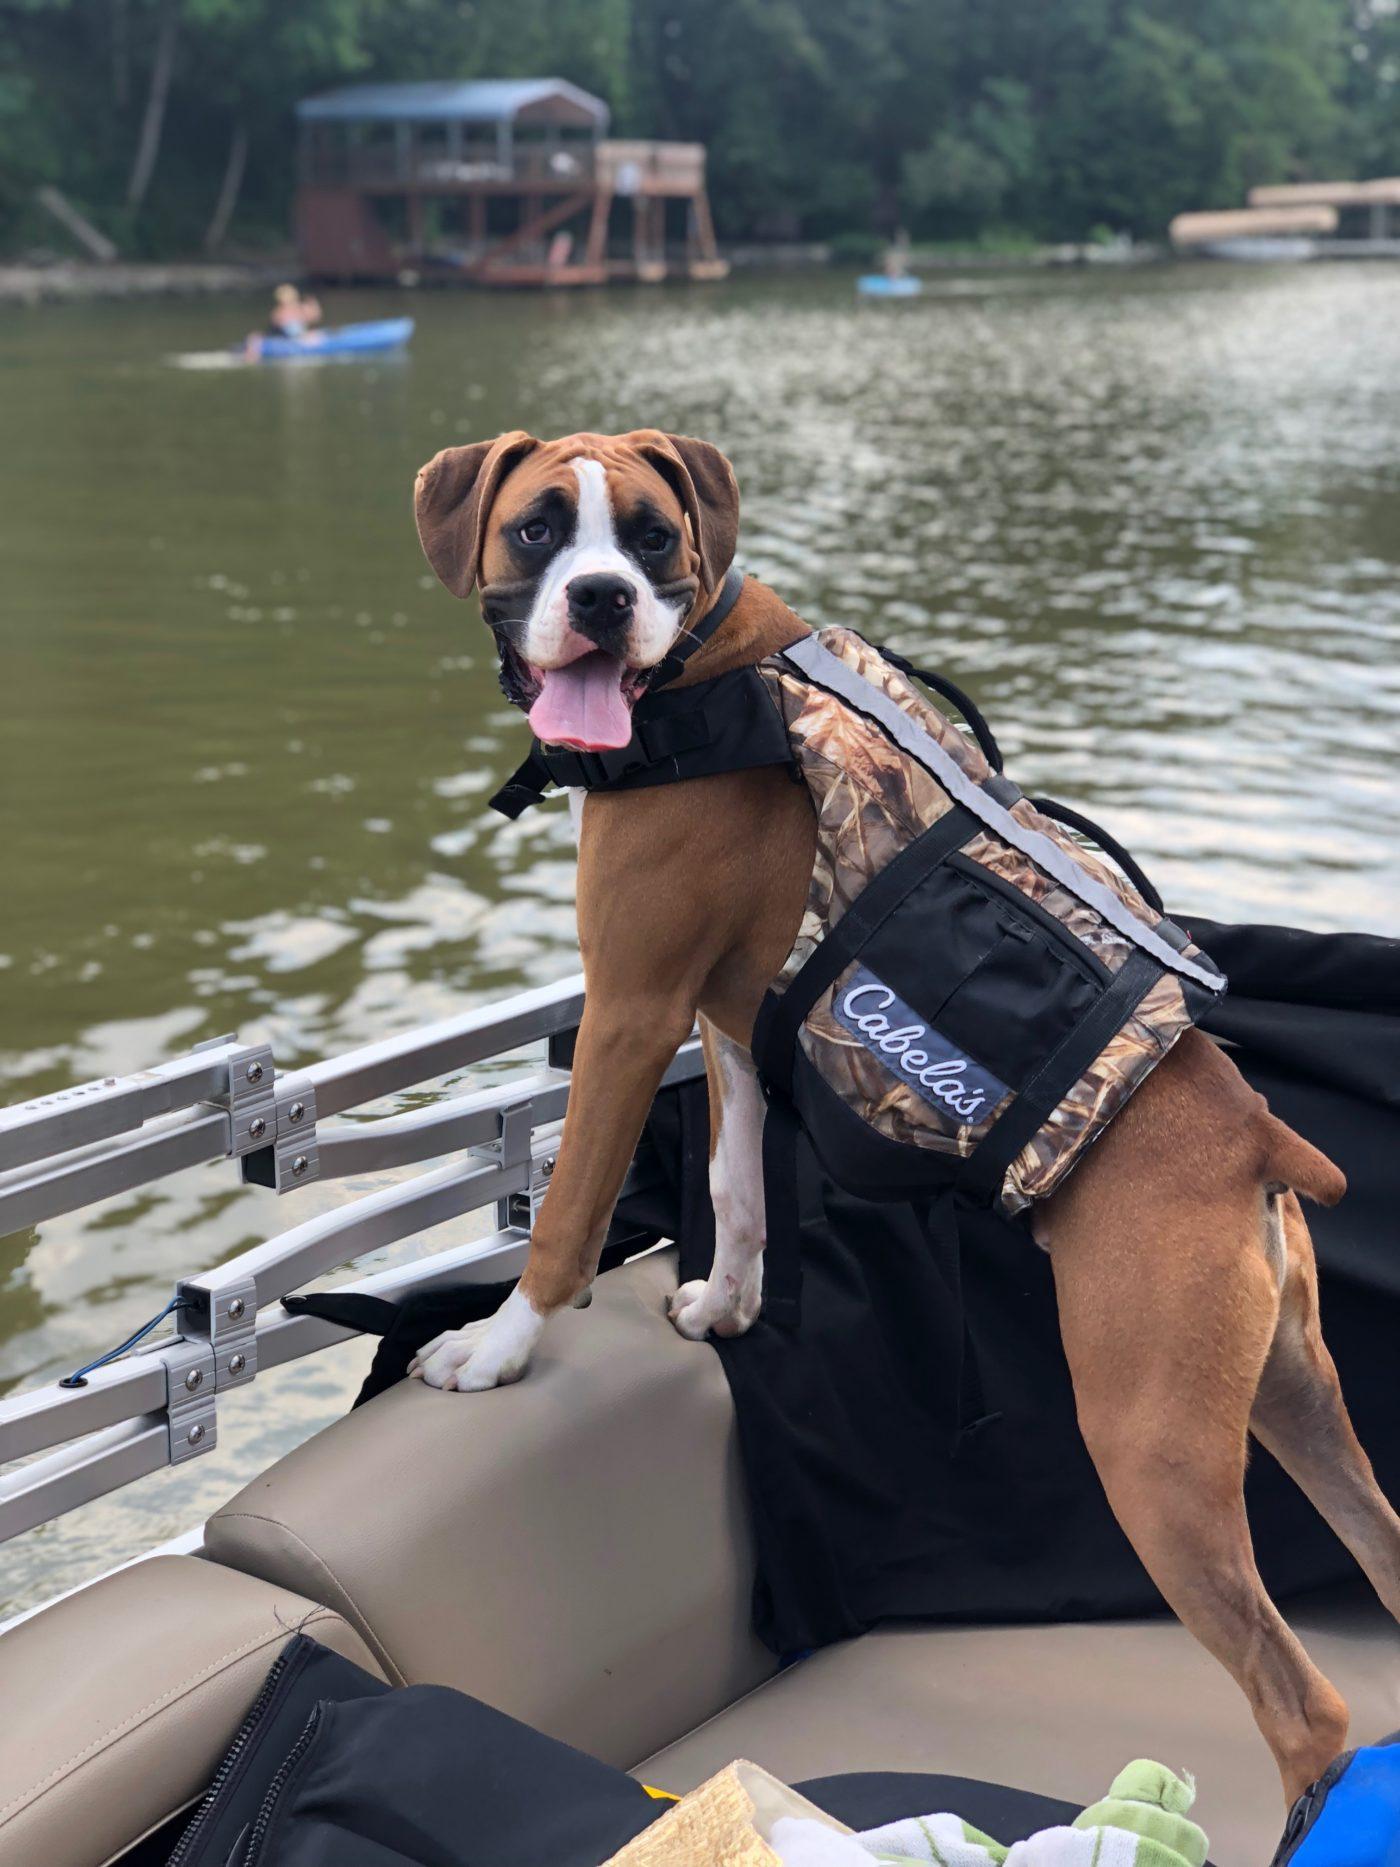 #boxerdogtraining #bestdogtraininglouisville #professionaldogtrainerlouisville